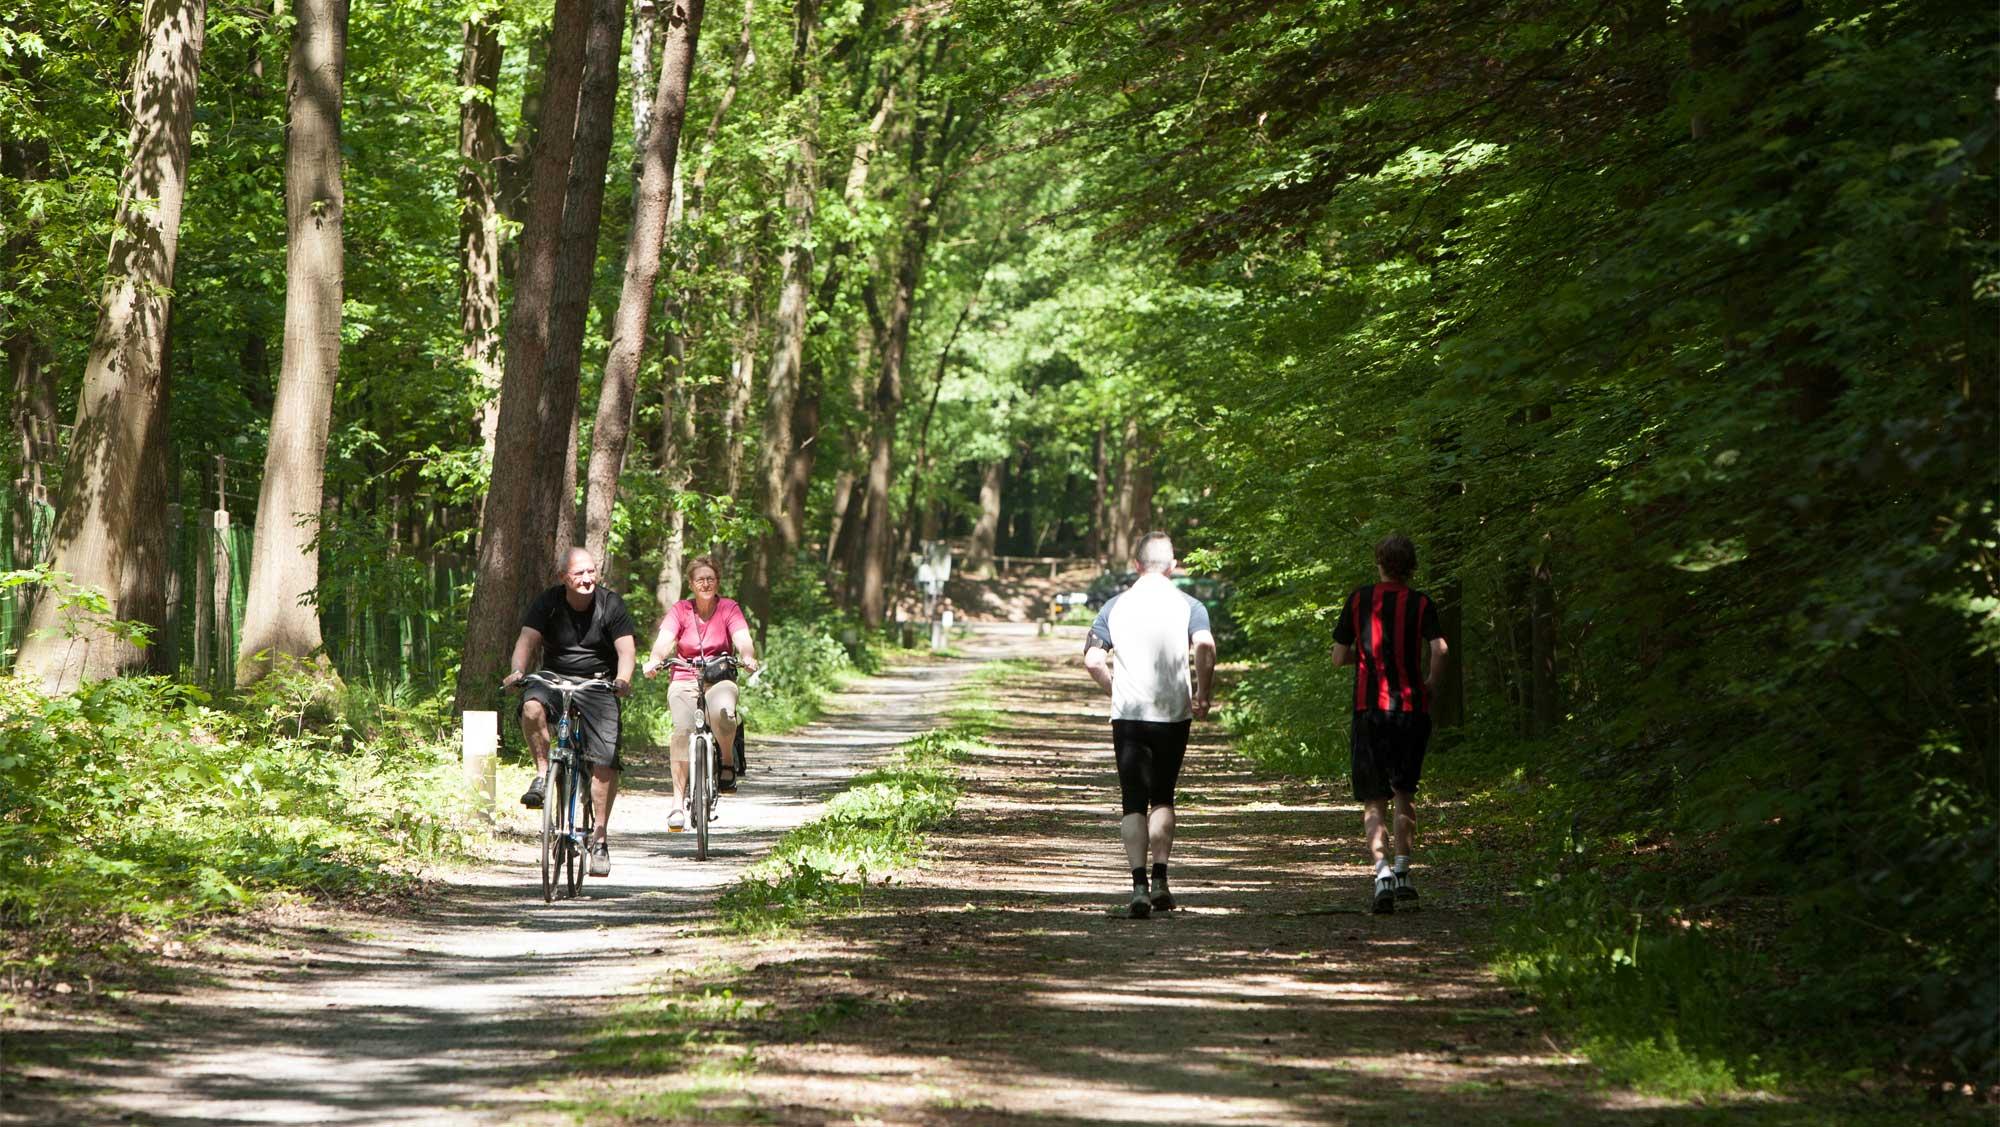 Omgeving Molecaten Park Bosbad Hoeven 02 fiets en wandelroutes